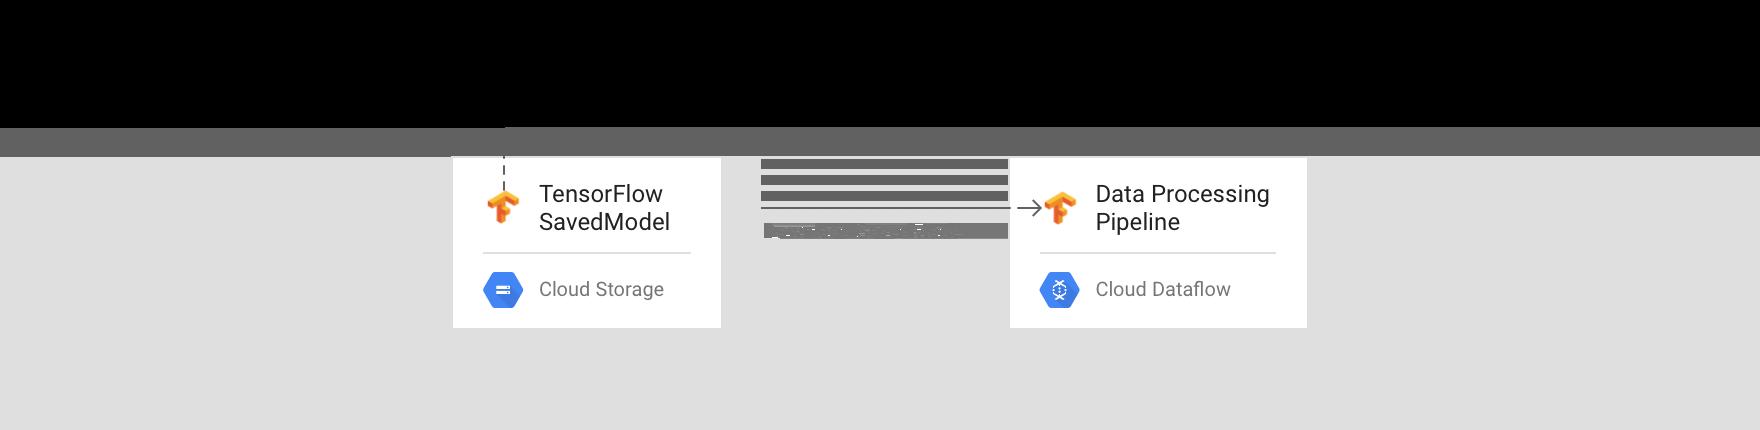 Prédiction par modèle direct dans Dataflow